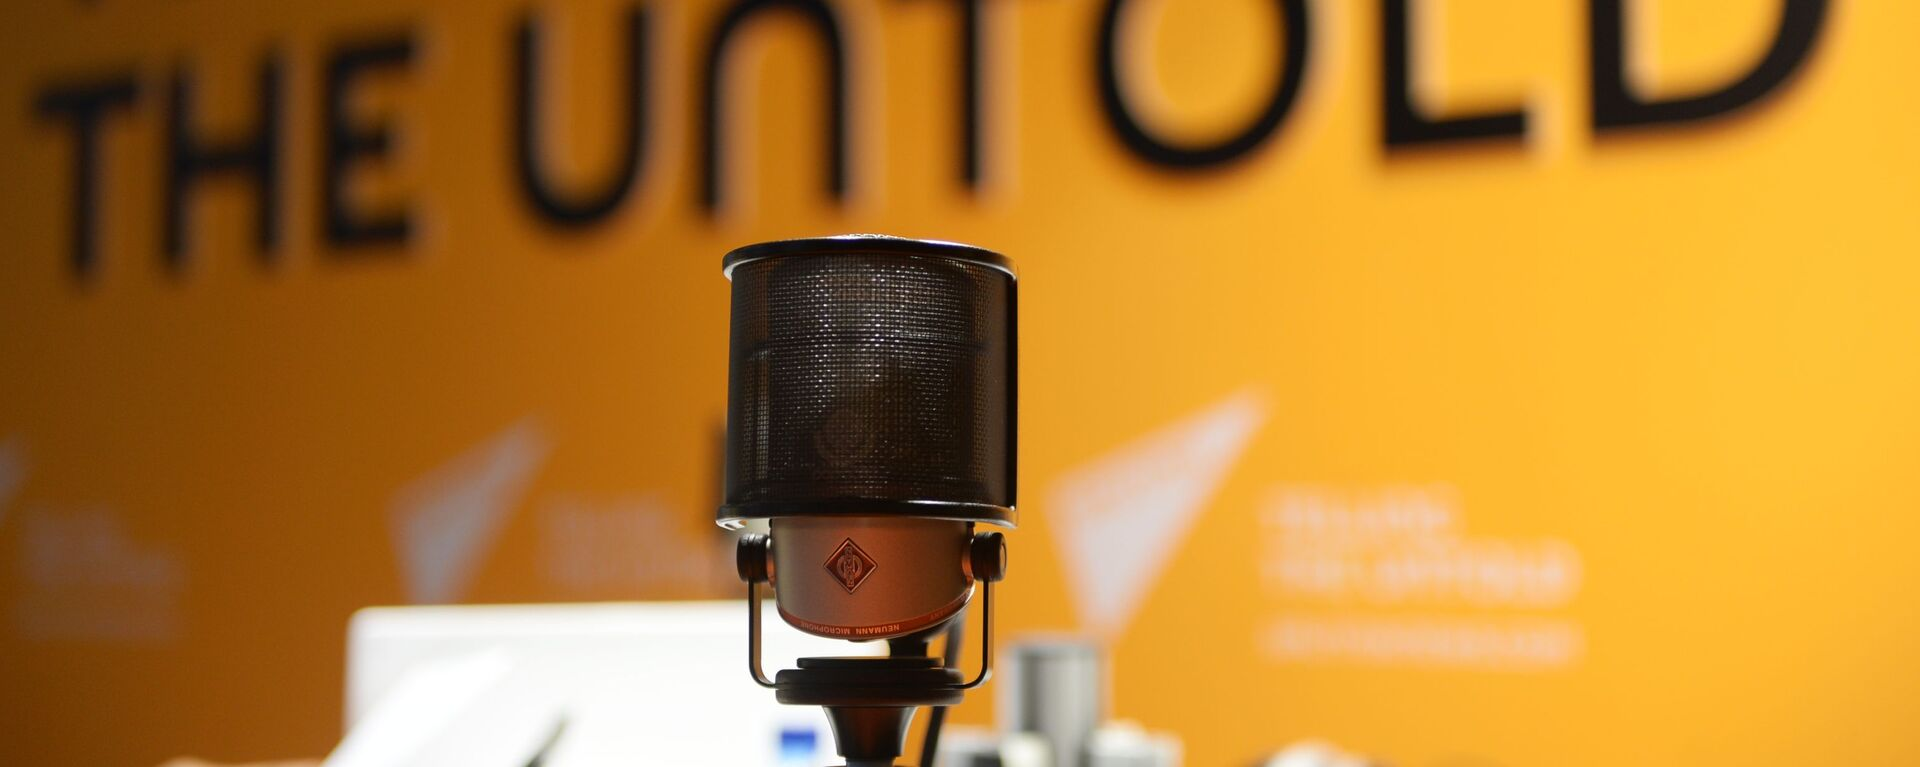 Radio Sputnik  - Sputnik Mundo, 1920, 13.04.2021